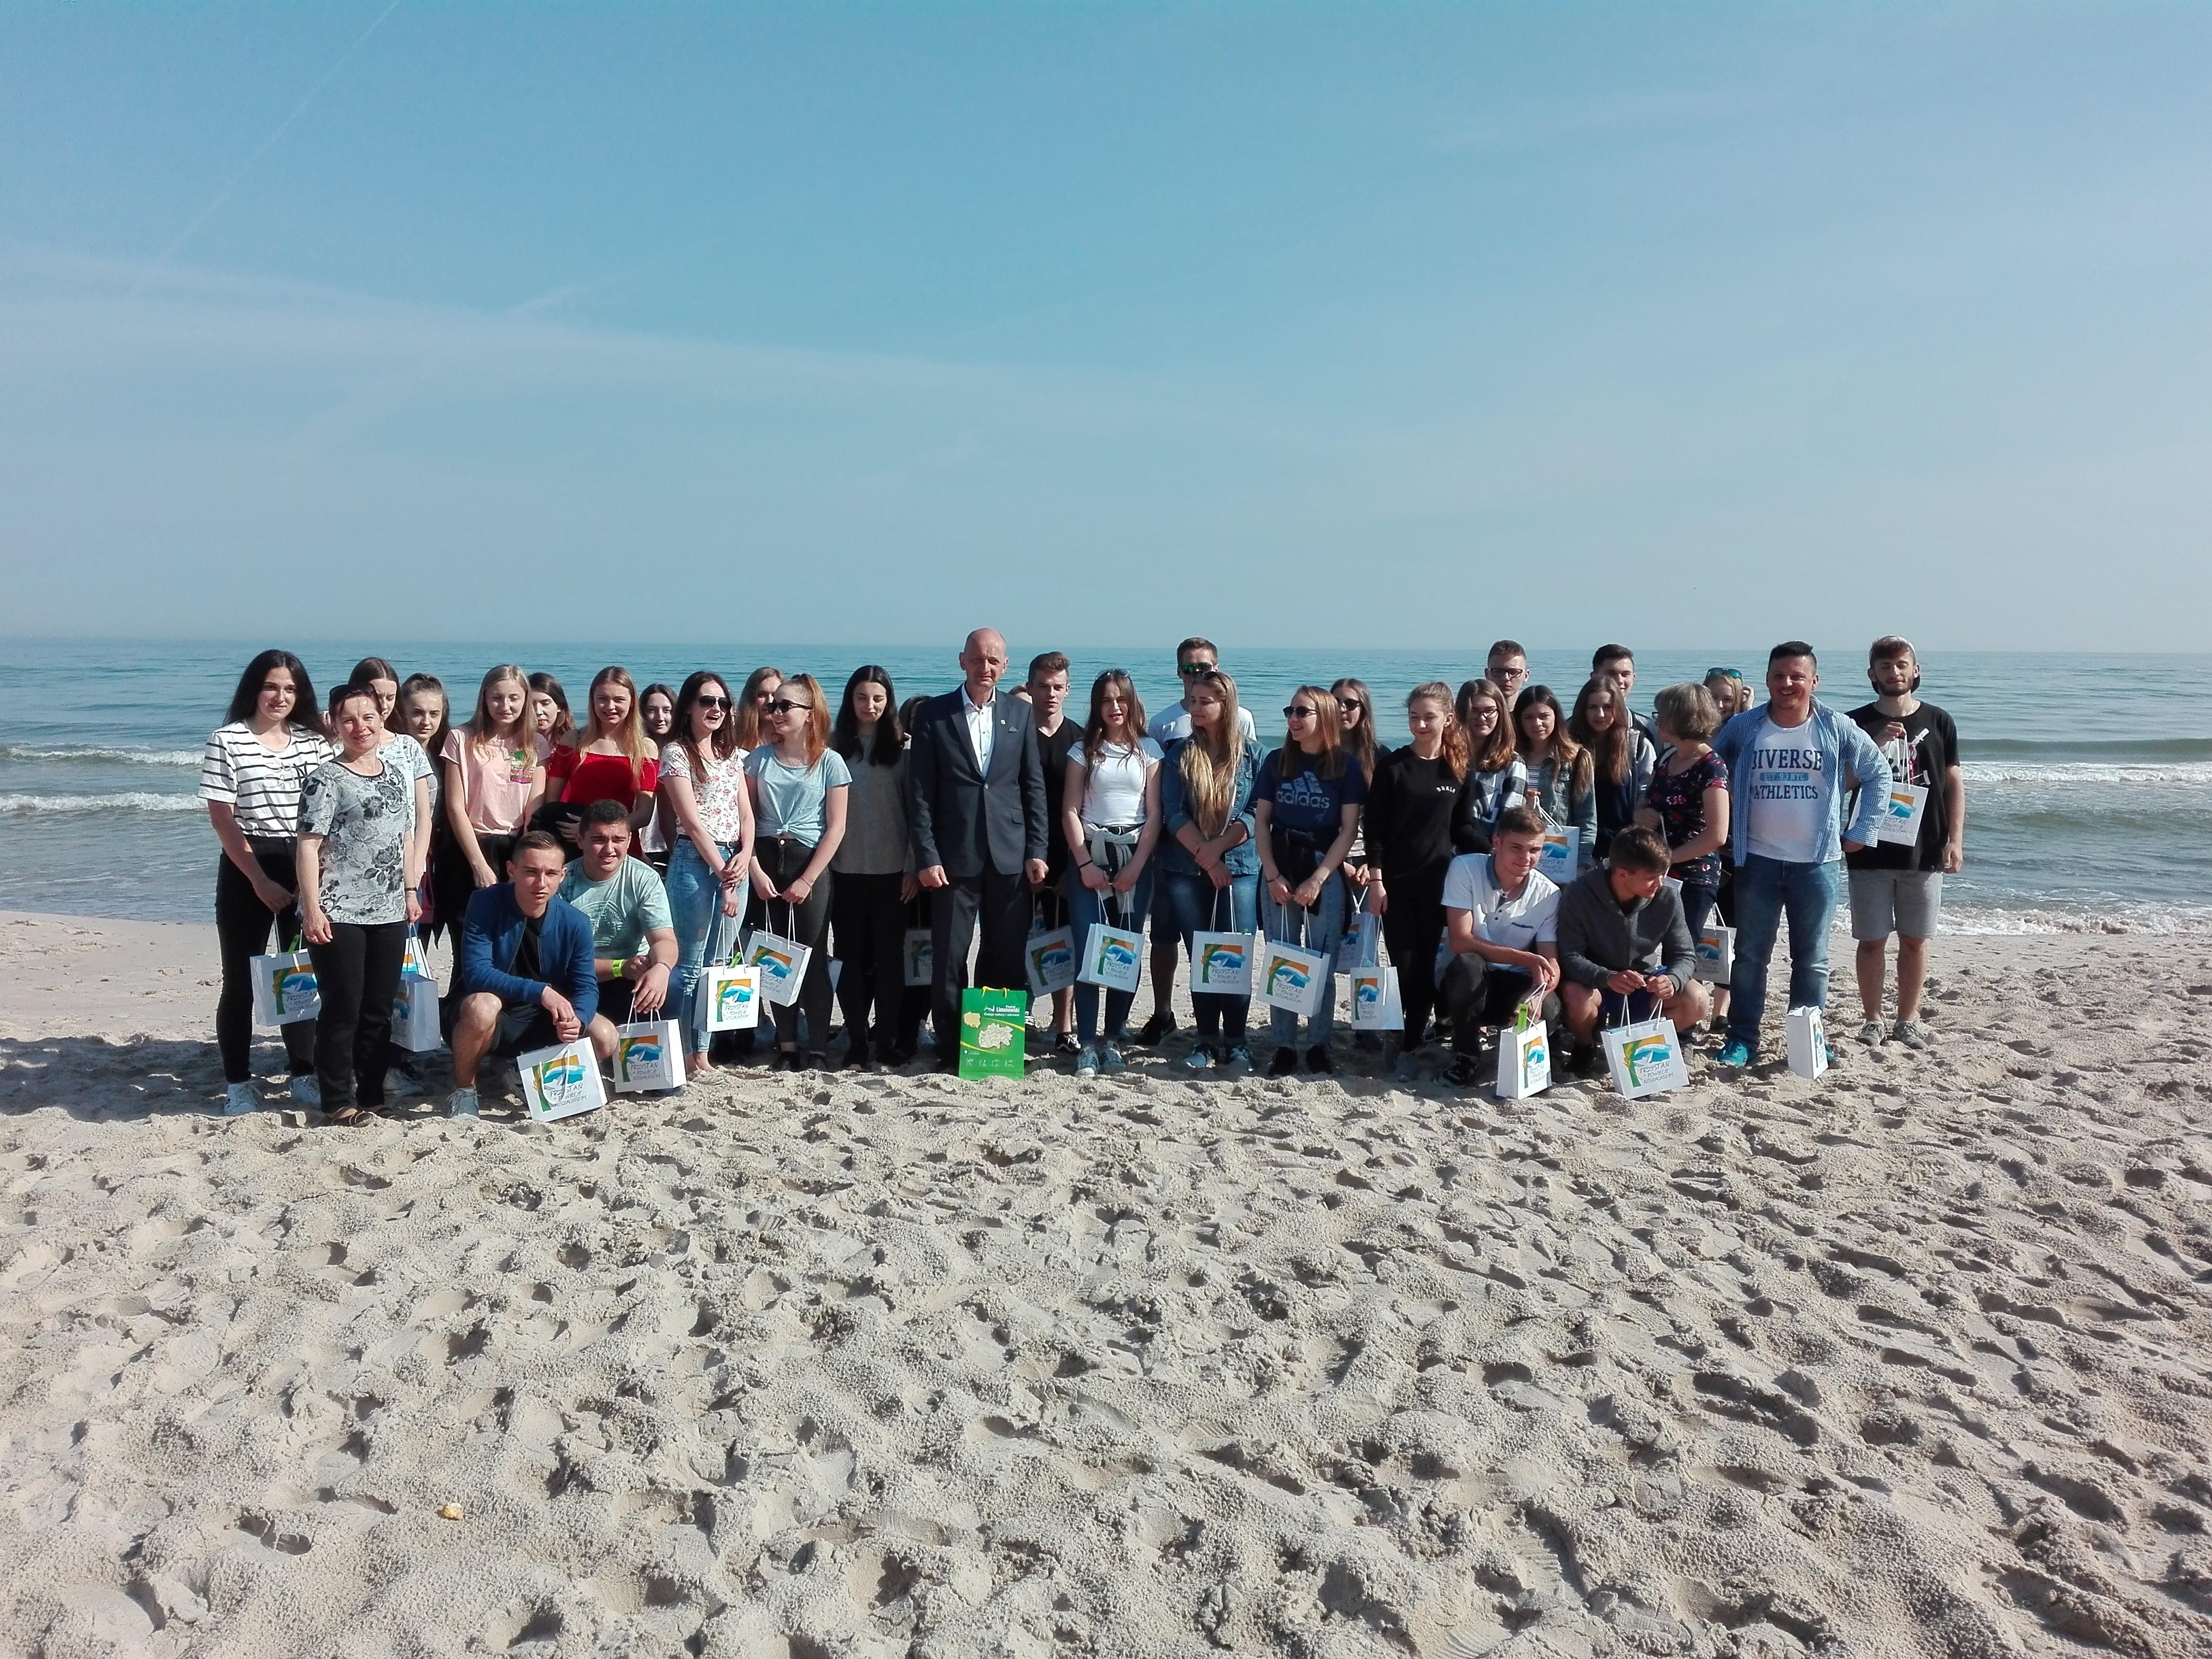 wycieczka nad morze uczniów szkoły ponadgimnazlanych